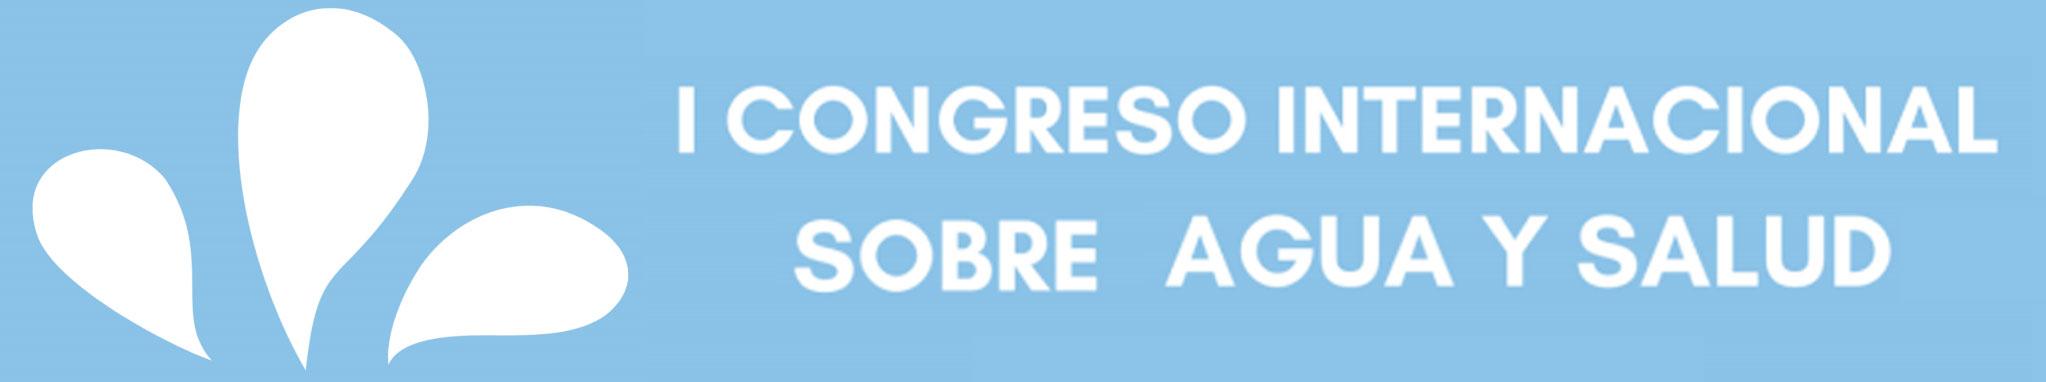 Congreso Internacional sobre Agua y Salud